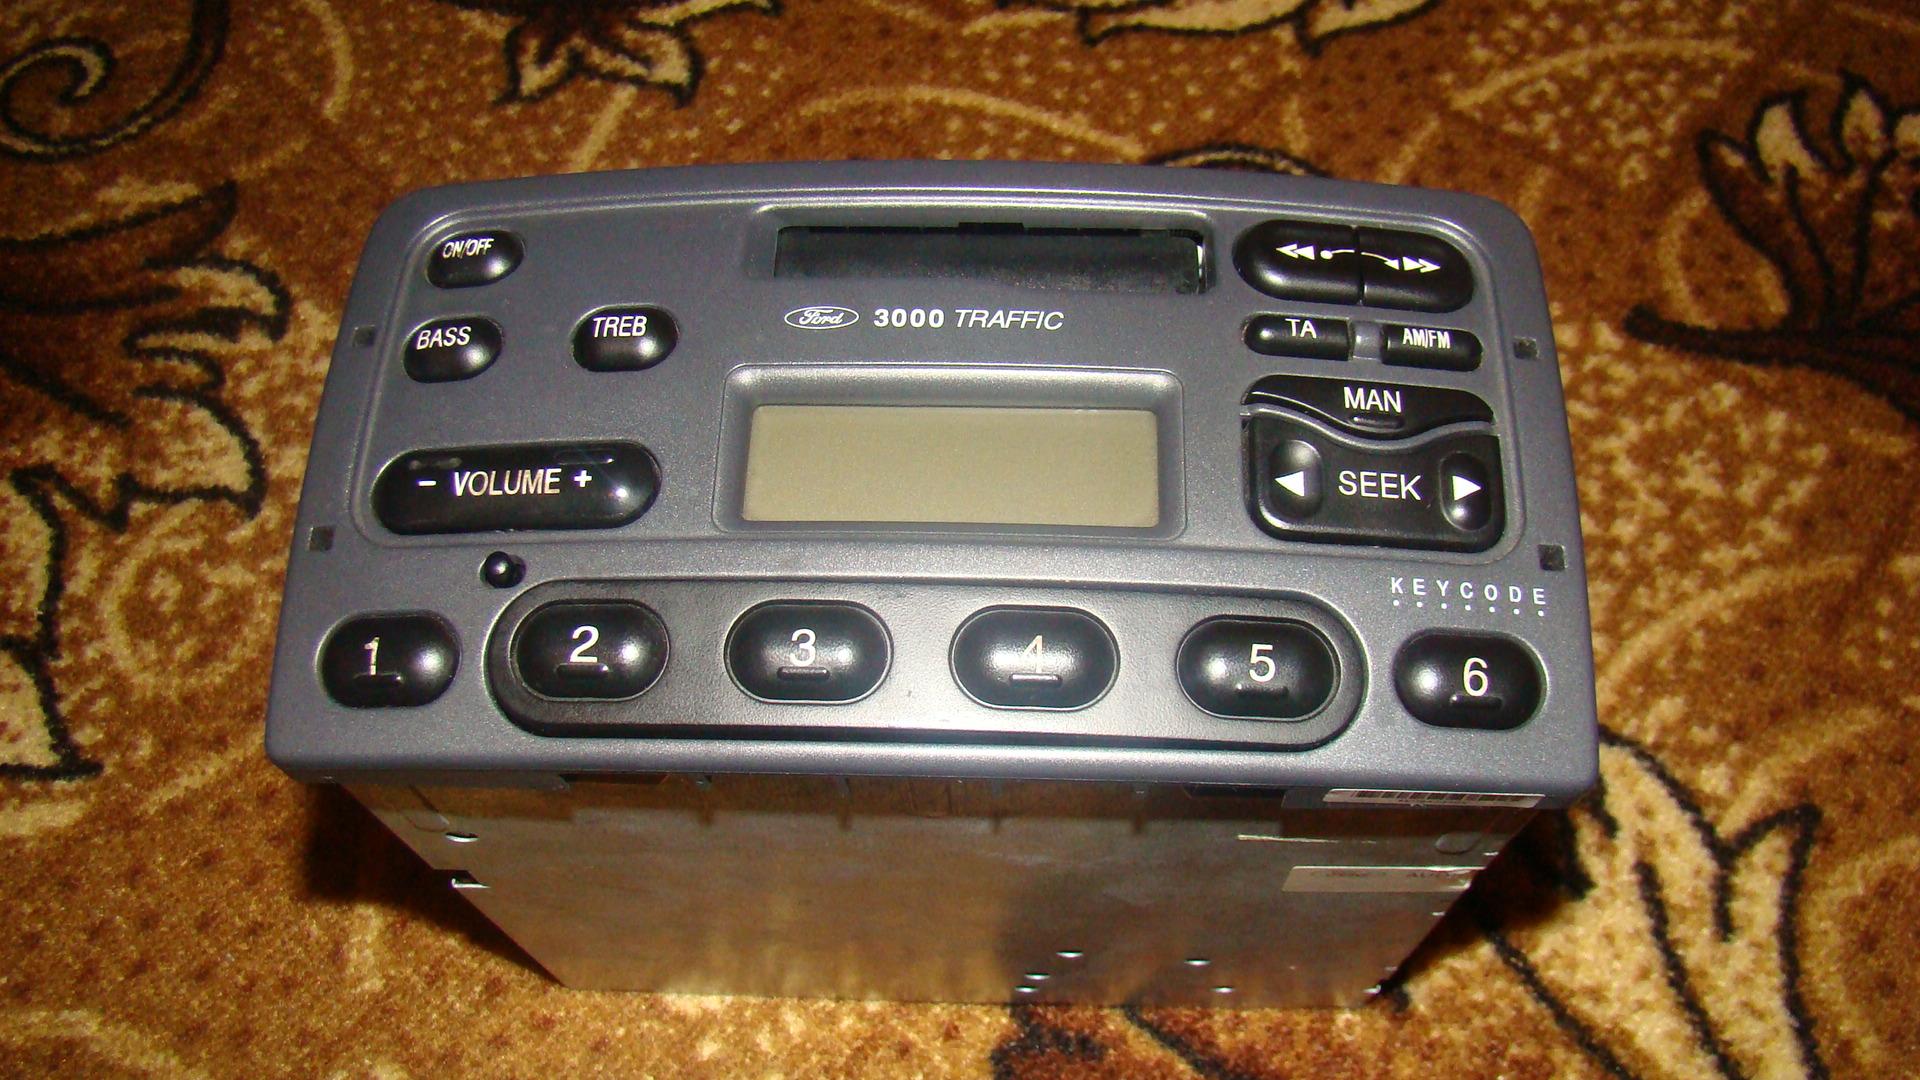 [Sprzedam] Fabryczne radio - kasetowe  FORD 3000 TRAFFIC